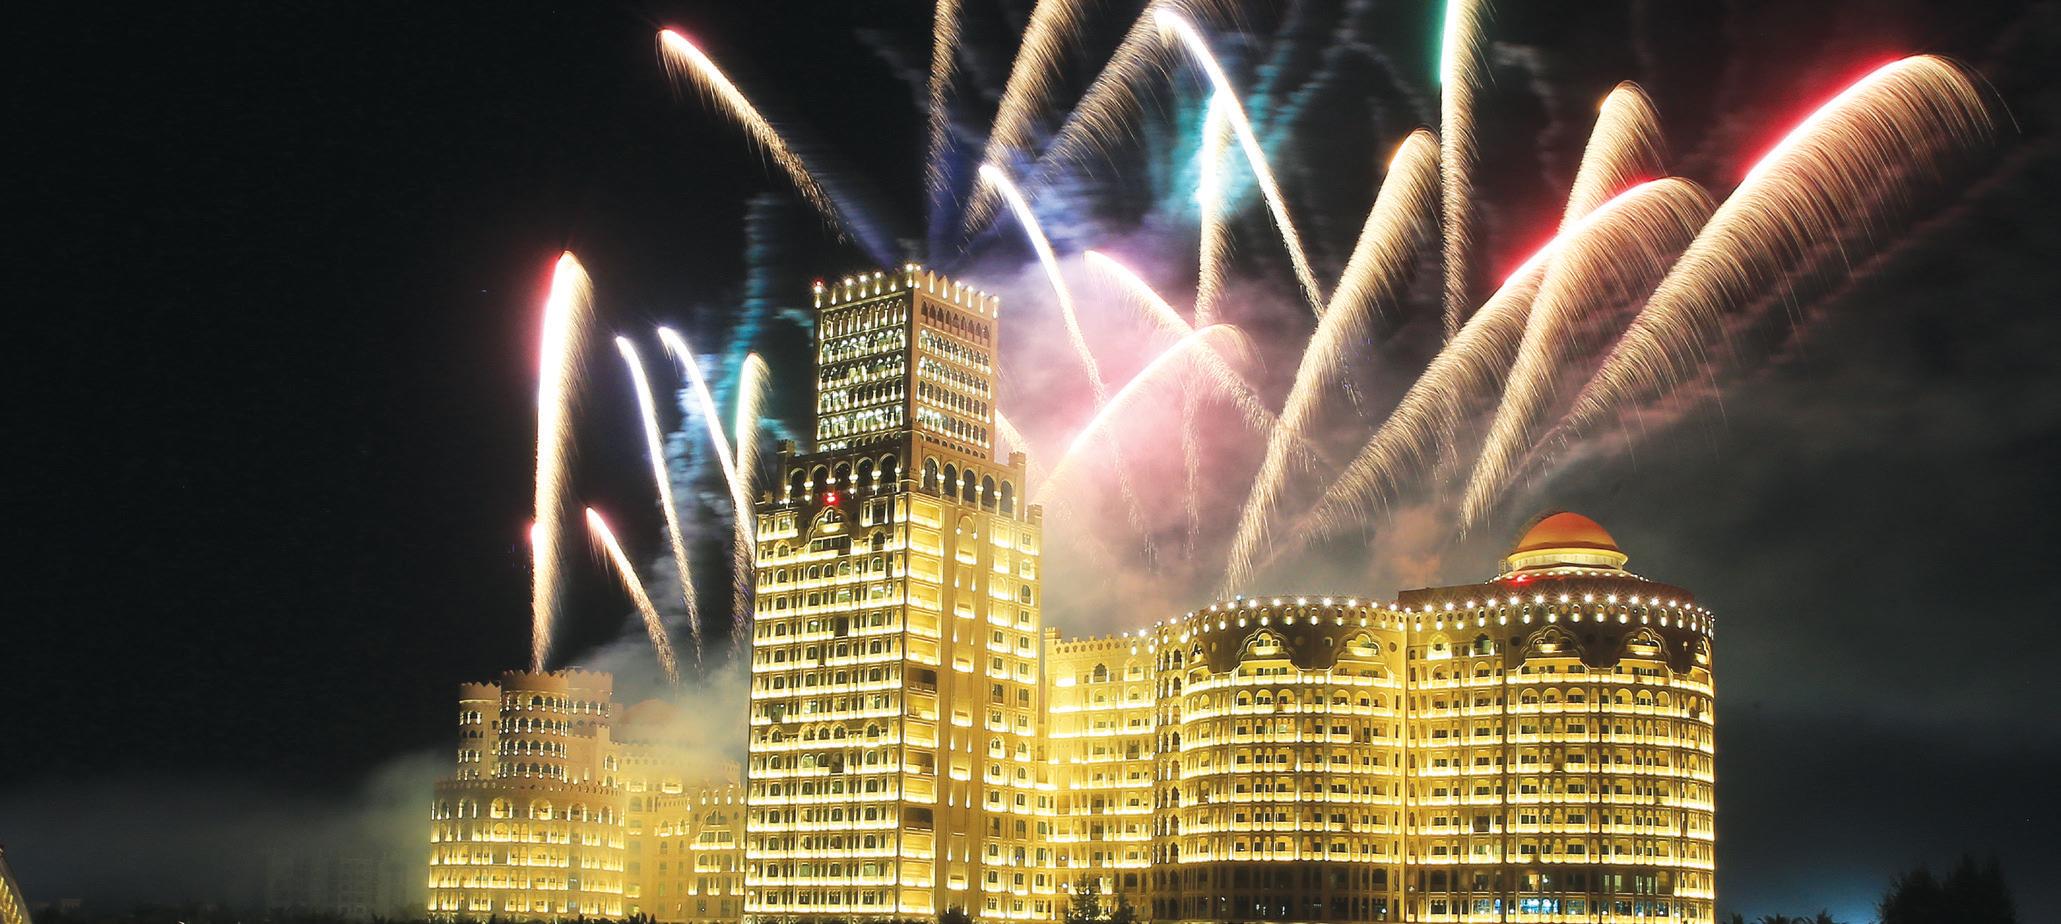 بالصور .. باستقبال 2018 .. برج خليفة يدخل غينس بأضخم عرض ليزر أبهر العالم